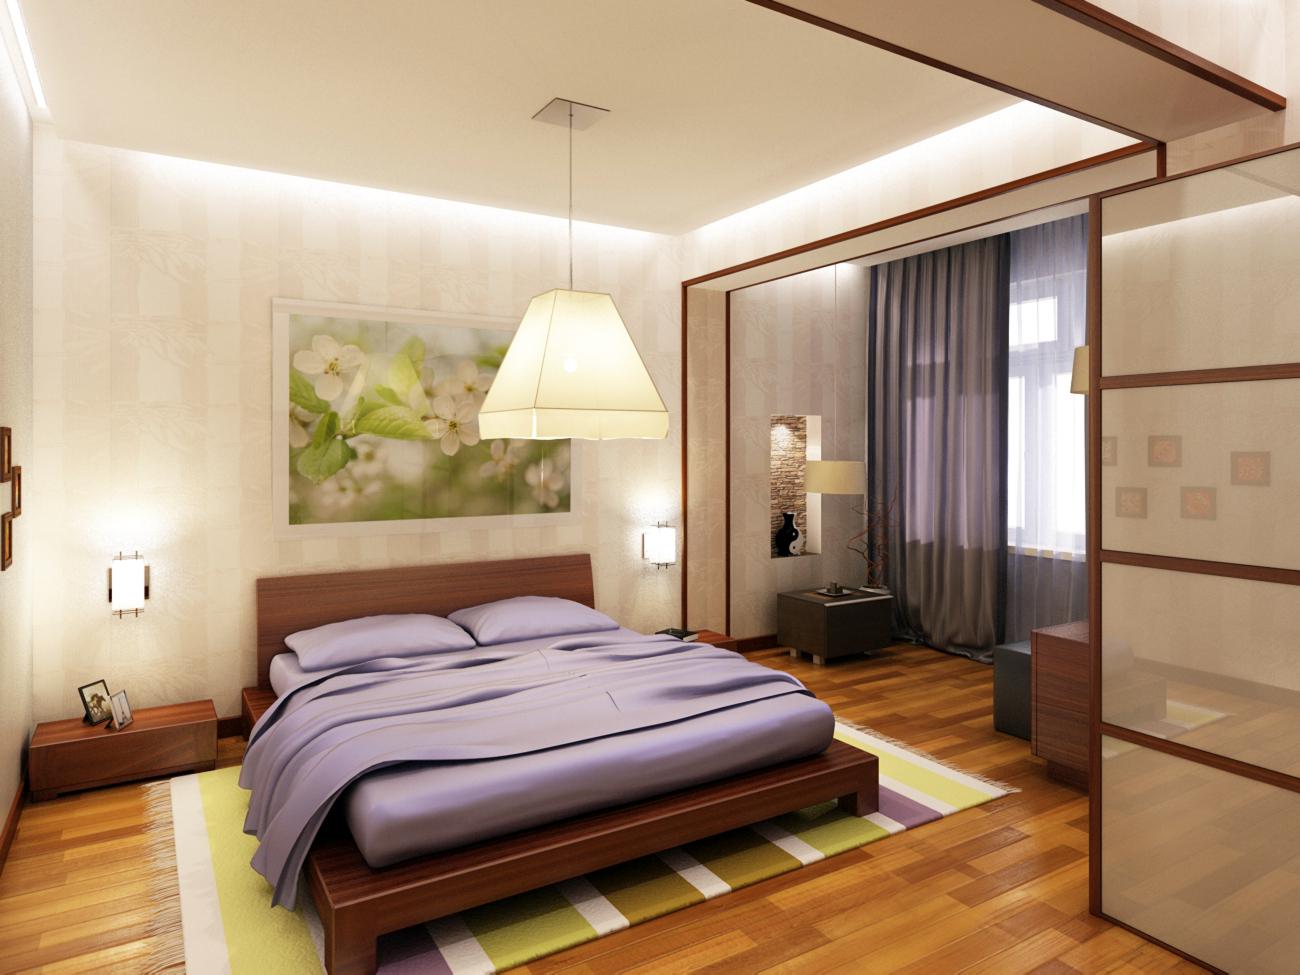 Спальня с балконом, балкон-спальня, балкон-спальня волгоград.